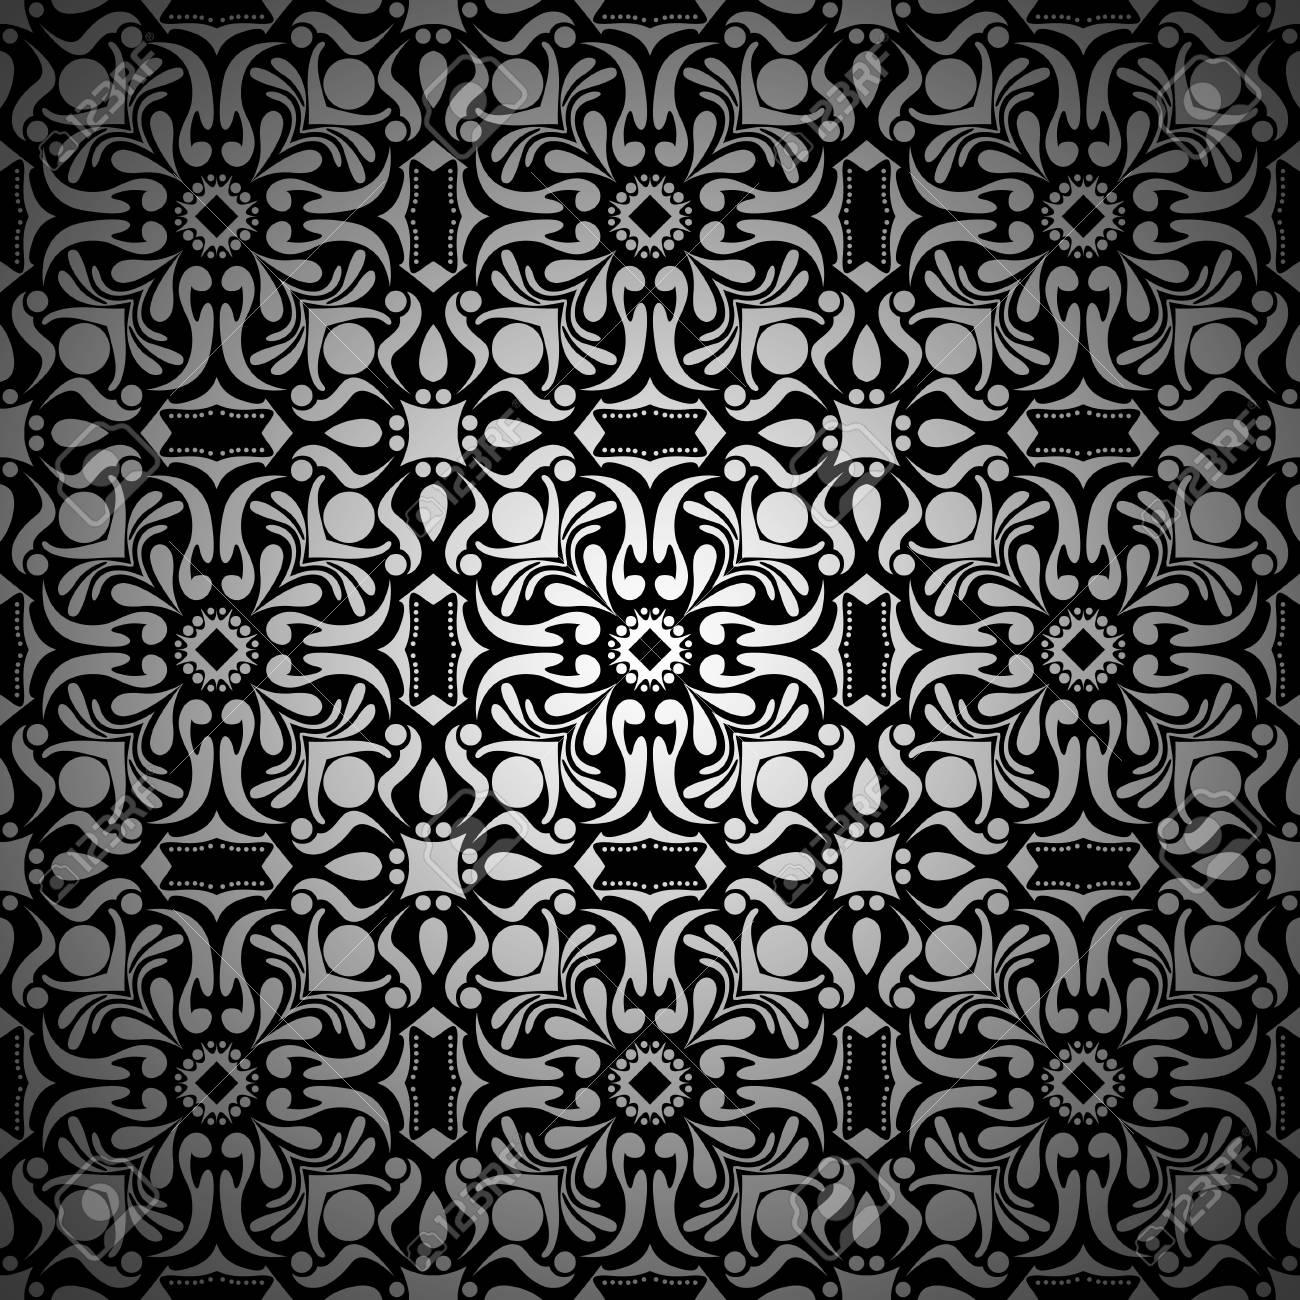 Papier Peint Motif De Fond Floral Vintage Noir Et Blanc Avec Degrade